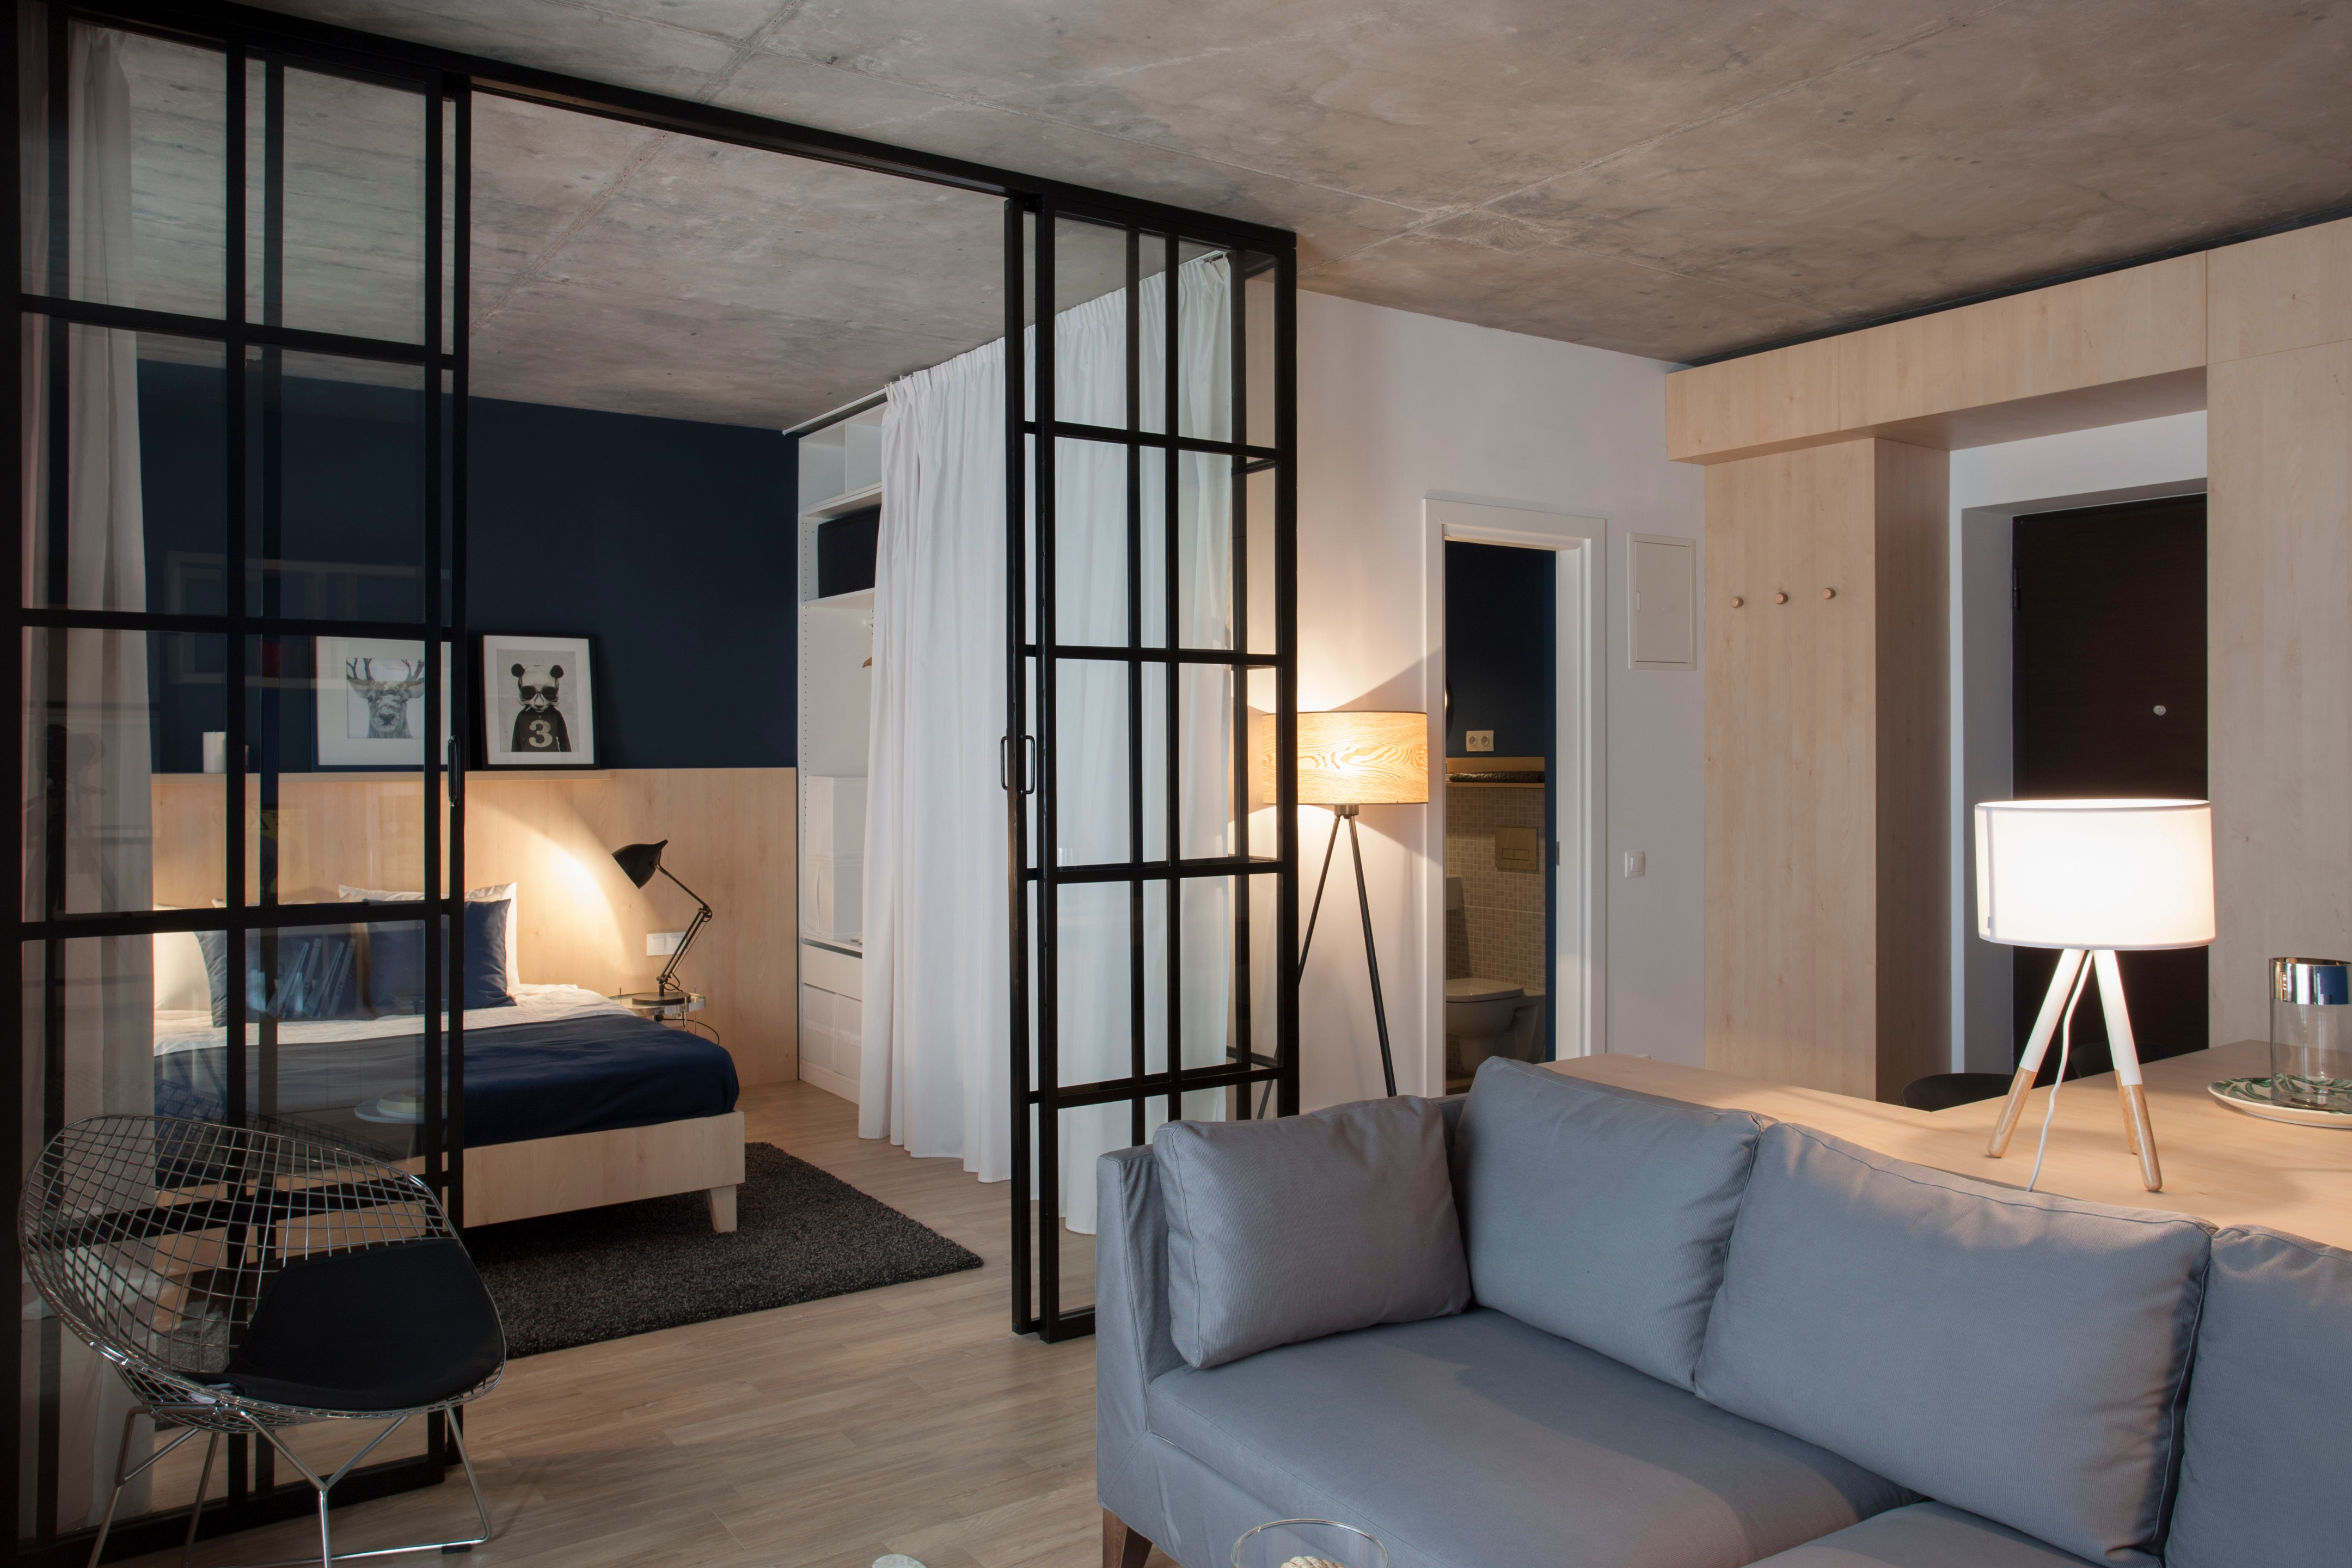 Giải pháp thông minh cho căn hộ có diện tích nhỏ - Ảnh 10.